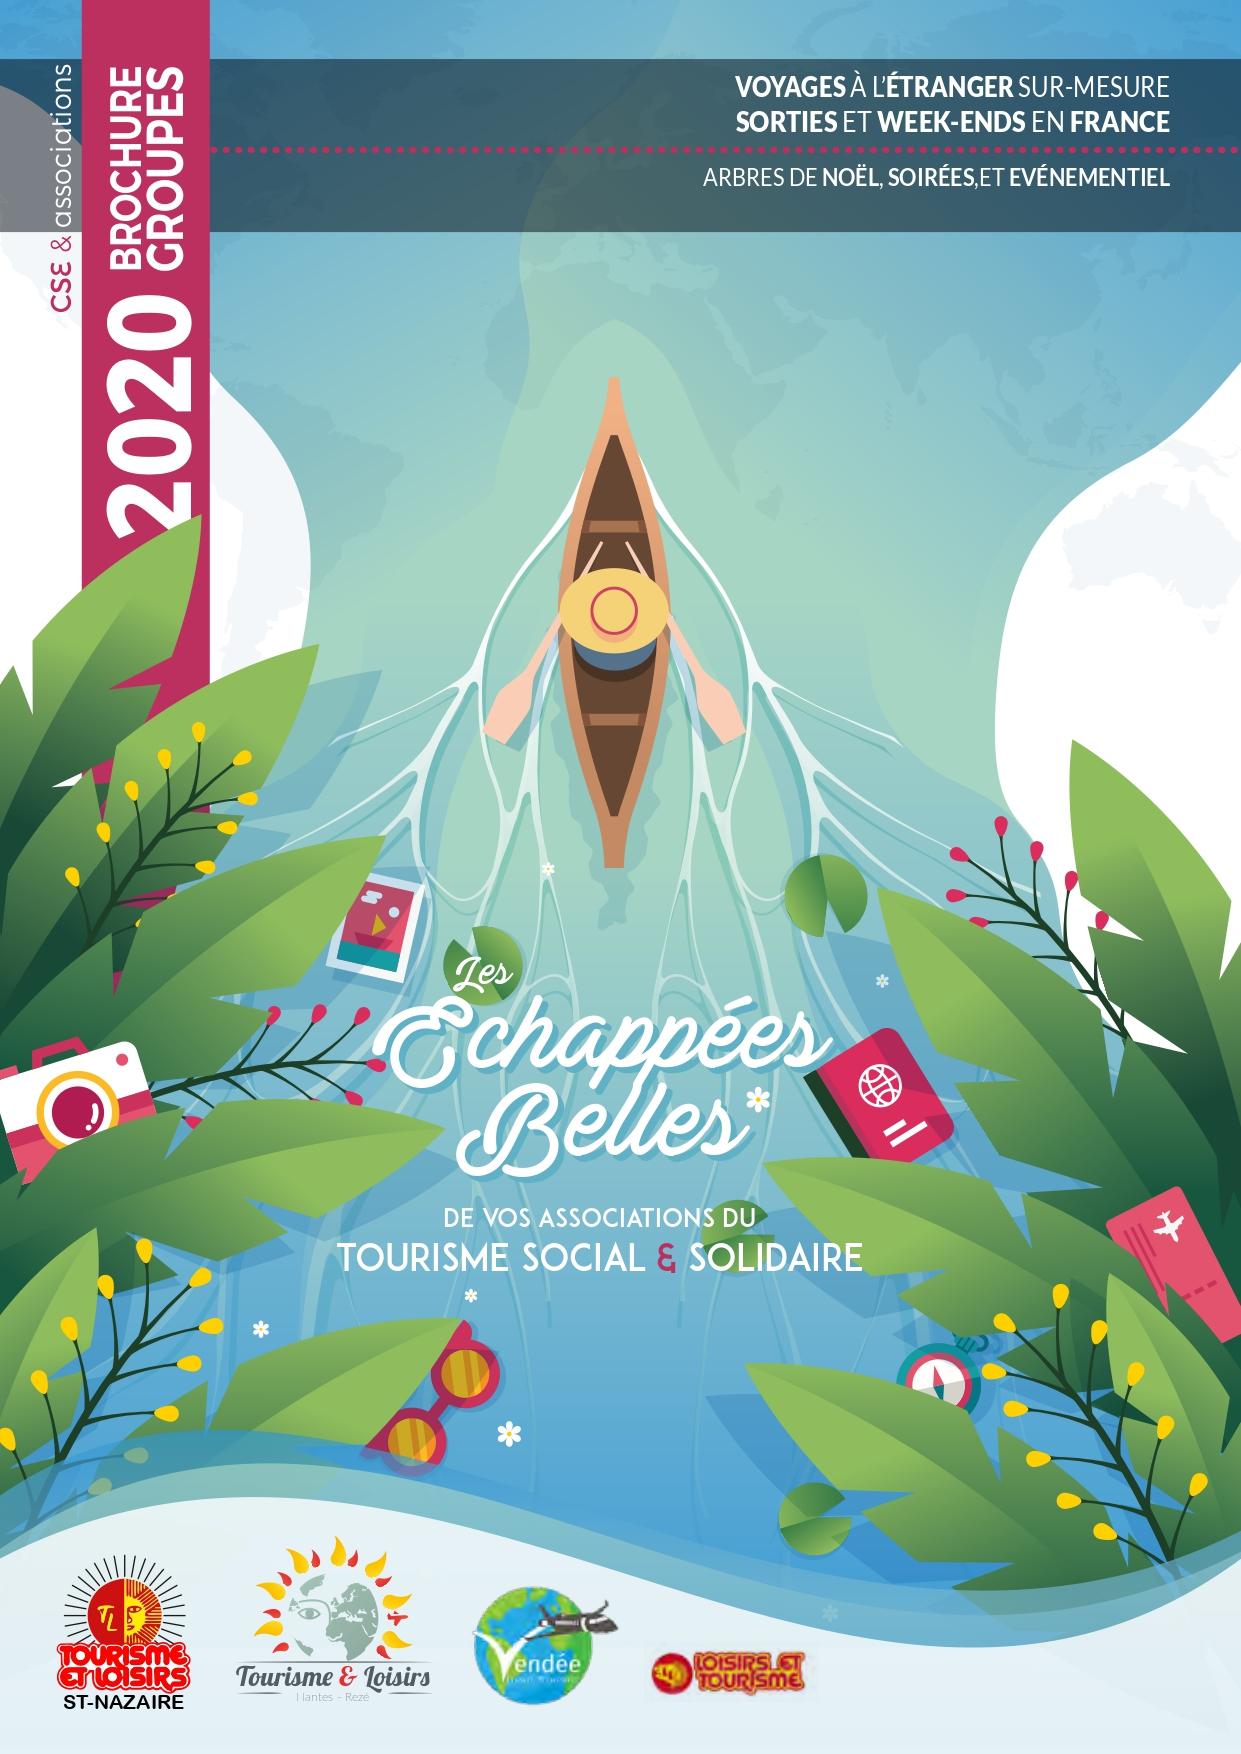 Brochure 2020 Groupes Voyages Sortie Tourisme Loisirs